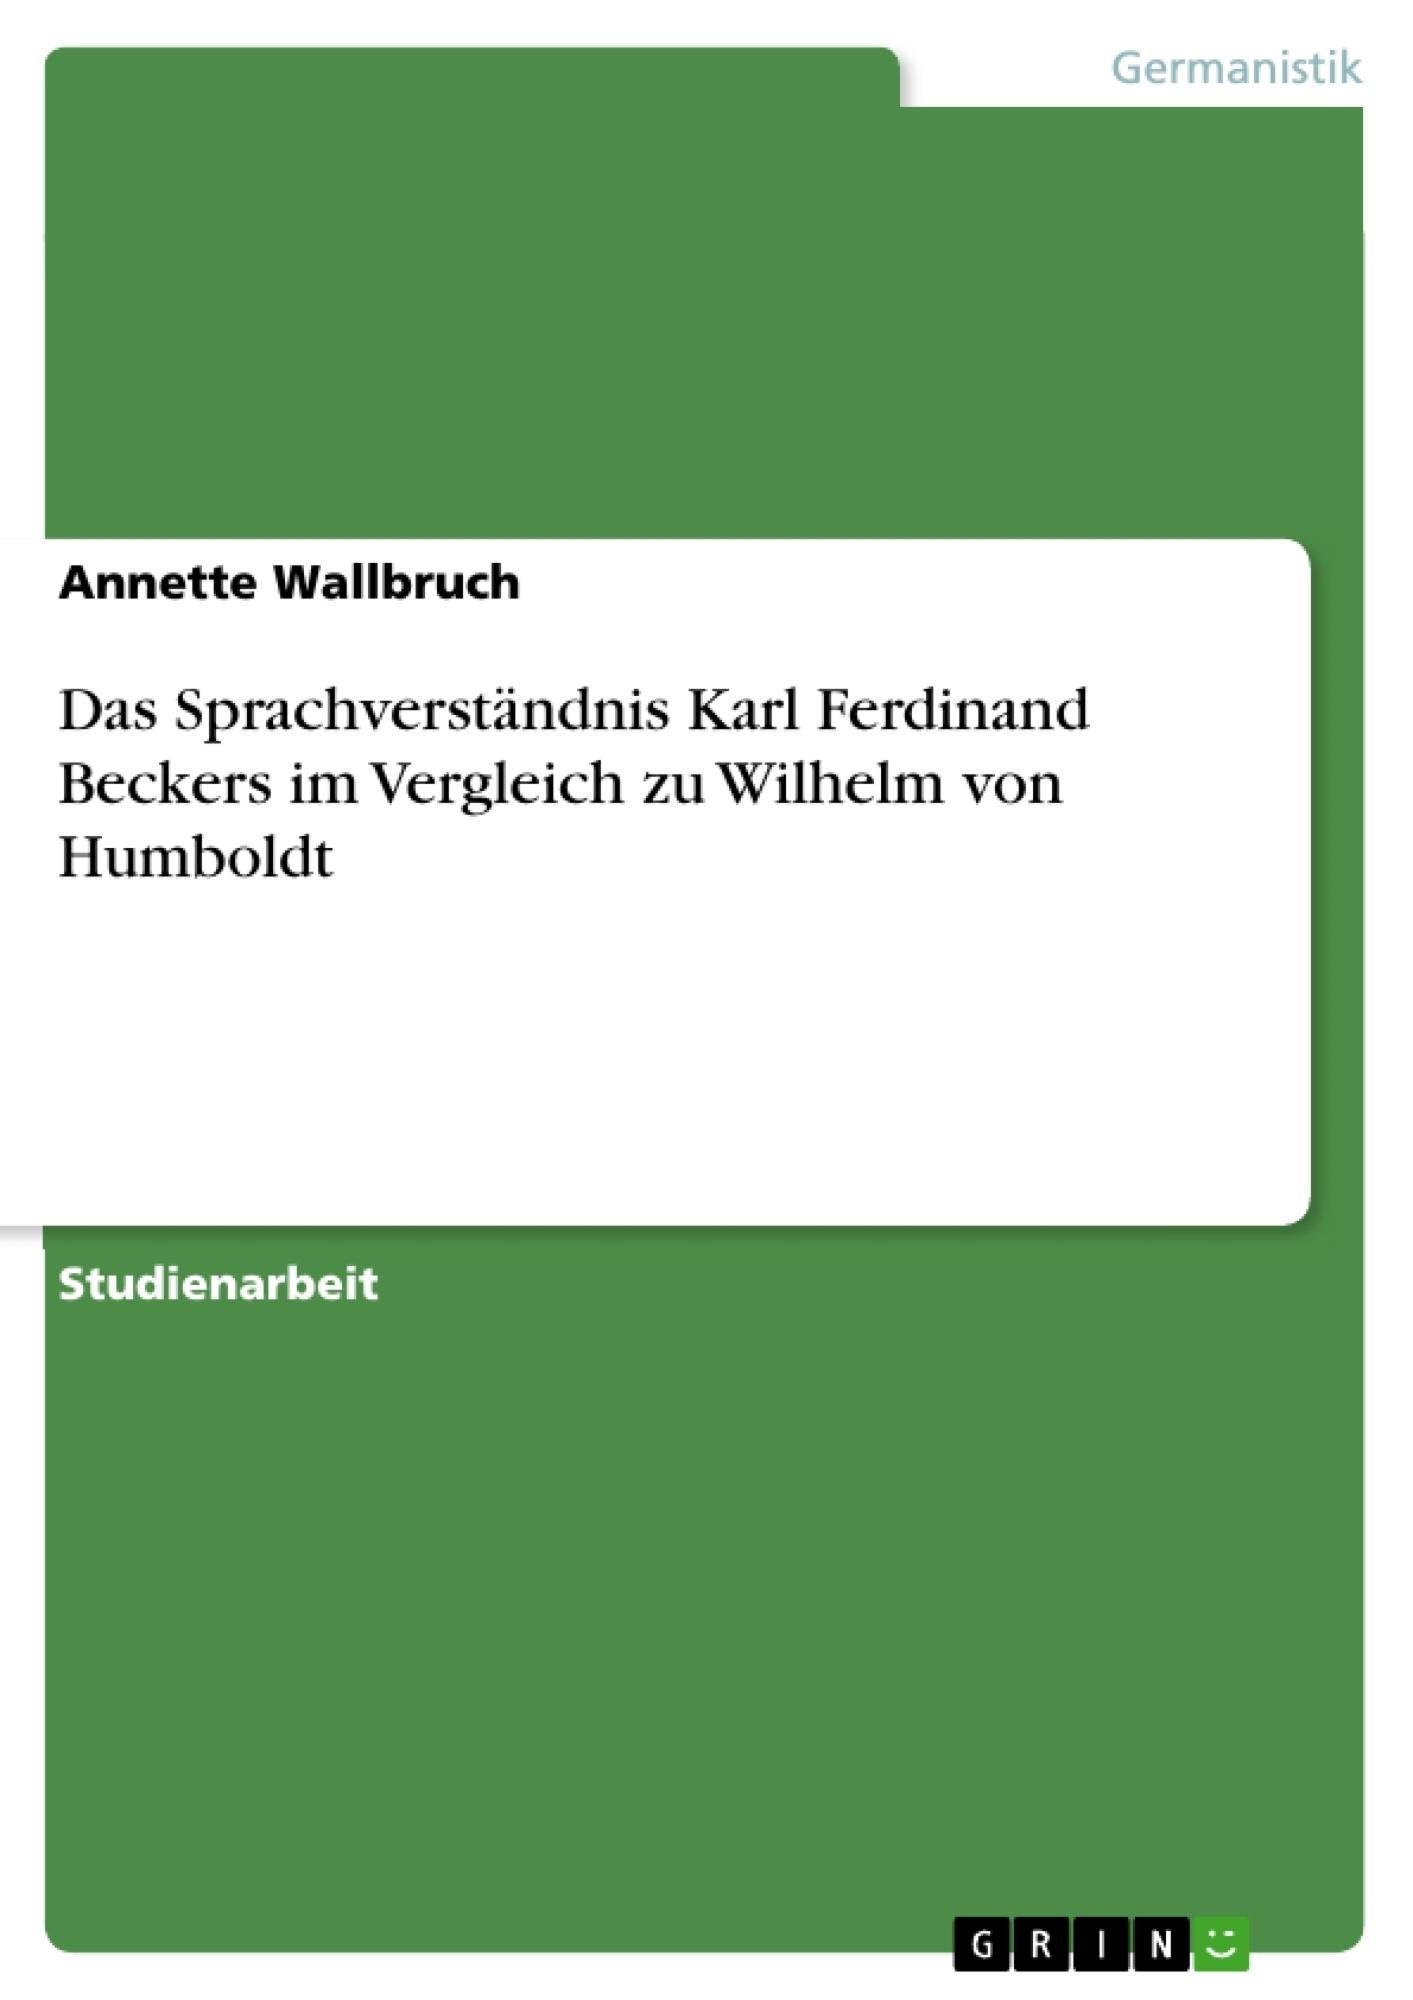 Titel: Das Sprachverständnis Karl Ferdinand Beckers im Vergleich zu Wilhelm von Humboldt